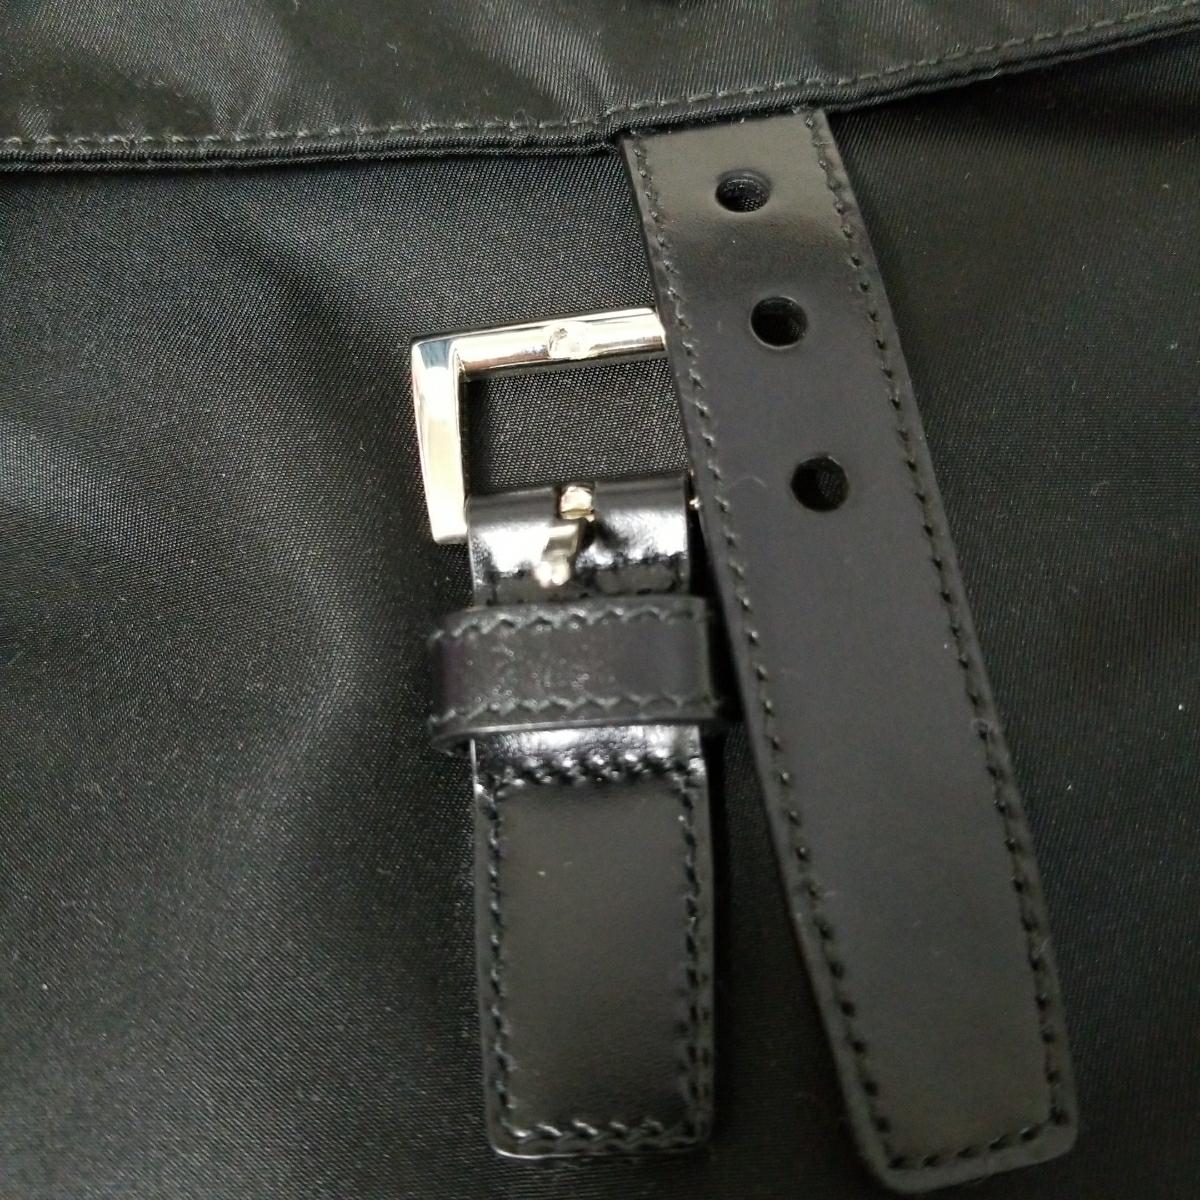 【正規品】新品 PRADA プラダ ショルダーバッグ 保存袋・ギャランティカード付 気持ち良く使って頂けます_画像5